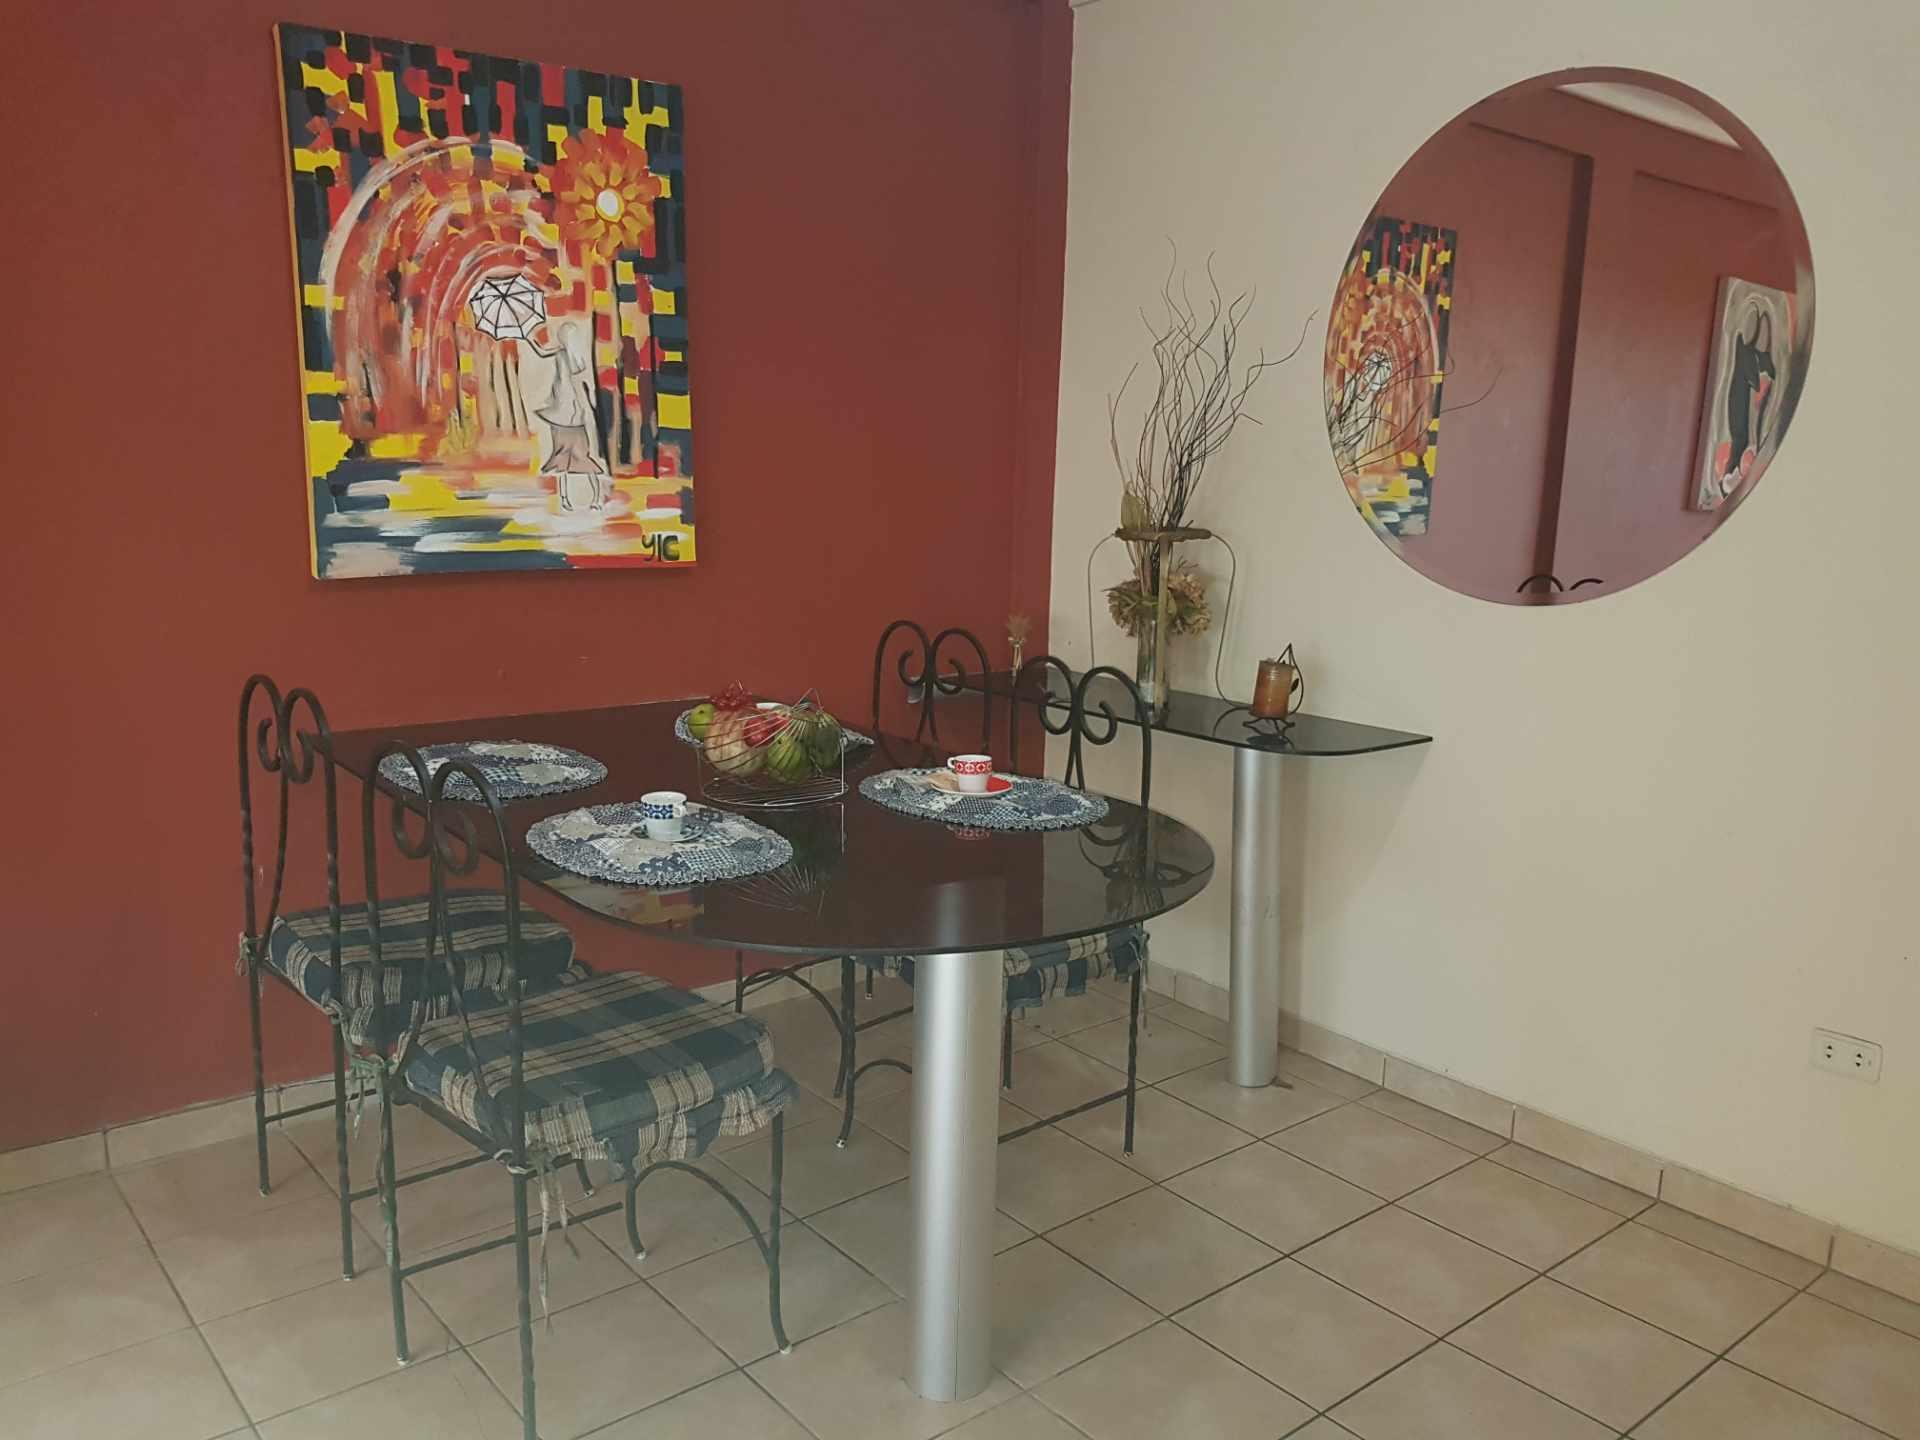 Departamento en Alquiler Pasaje muralto 3er anillo interno y av. Banzer Foto 3